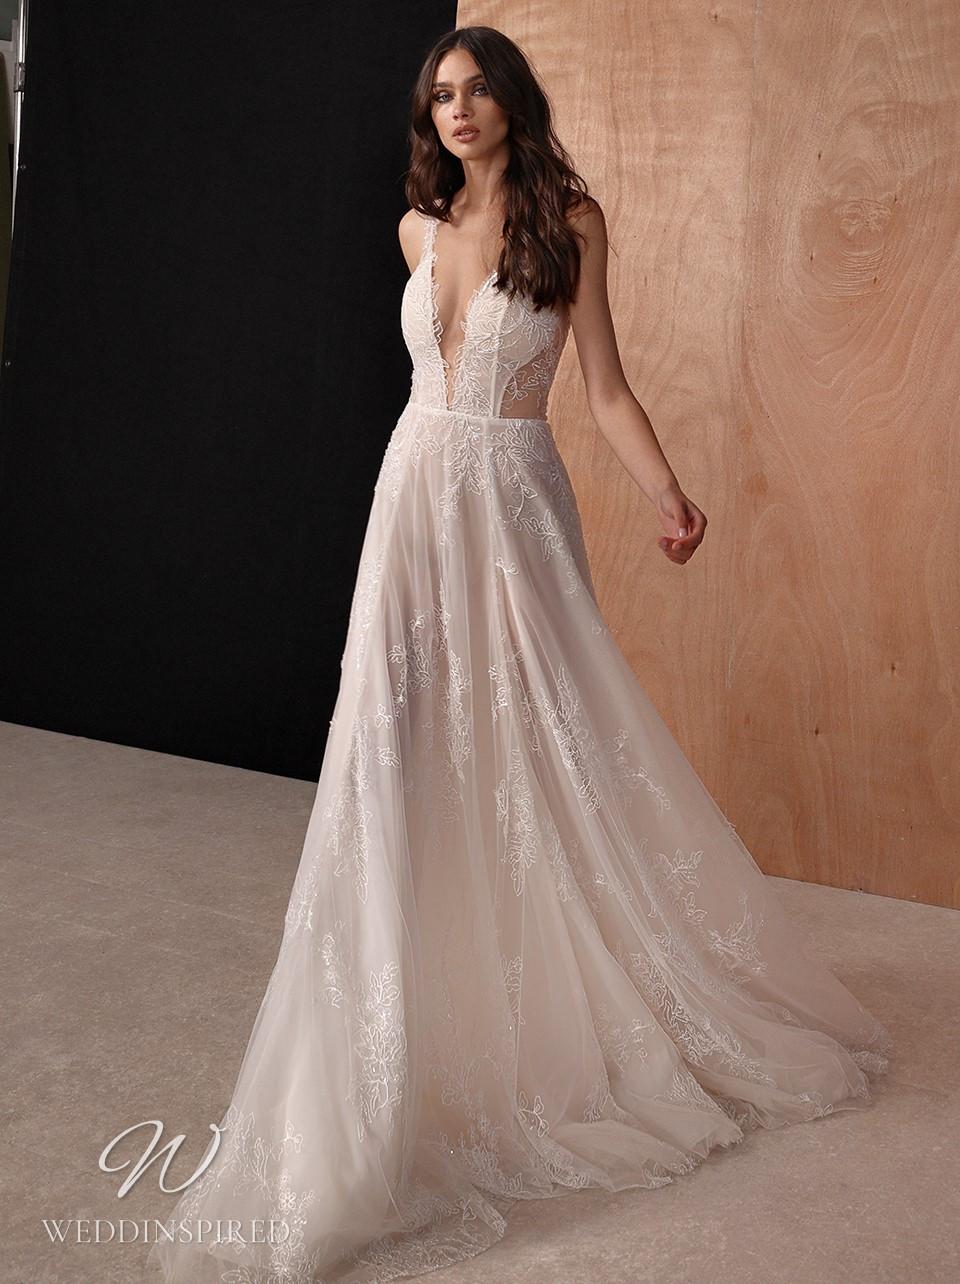 A Galia Lahav 2022 lace A-line wedding dress with a v neck